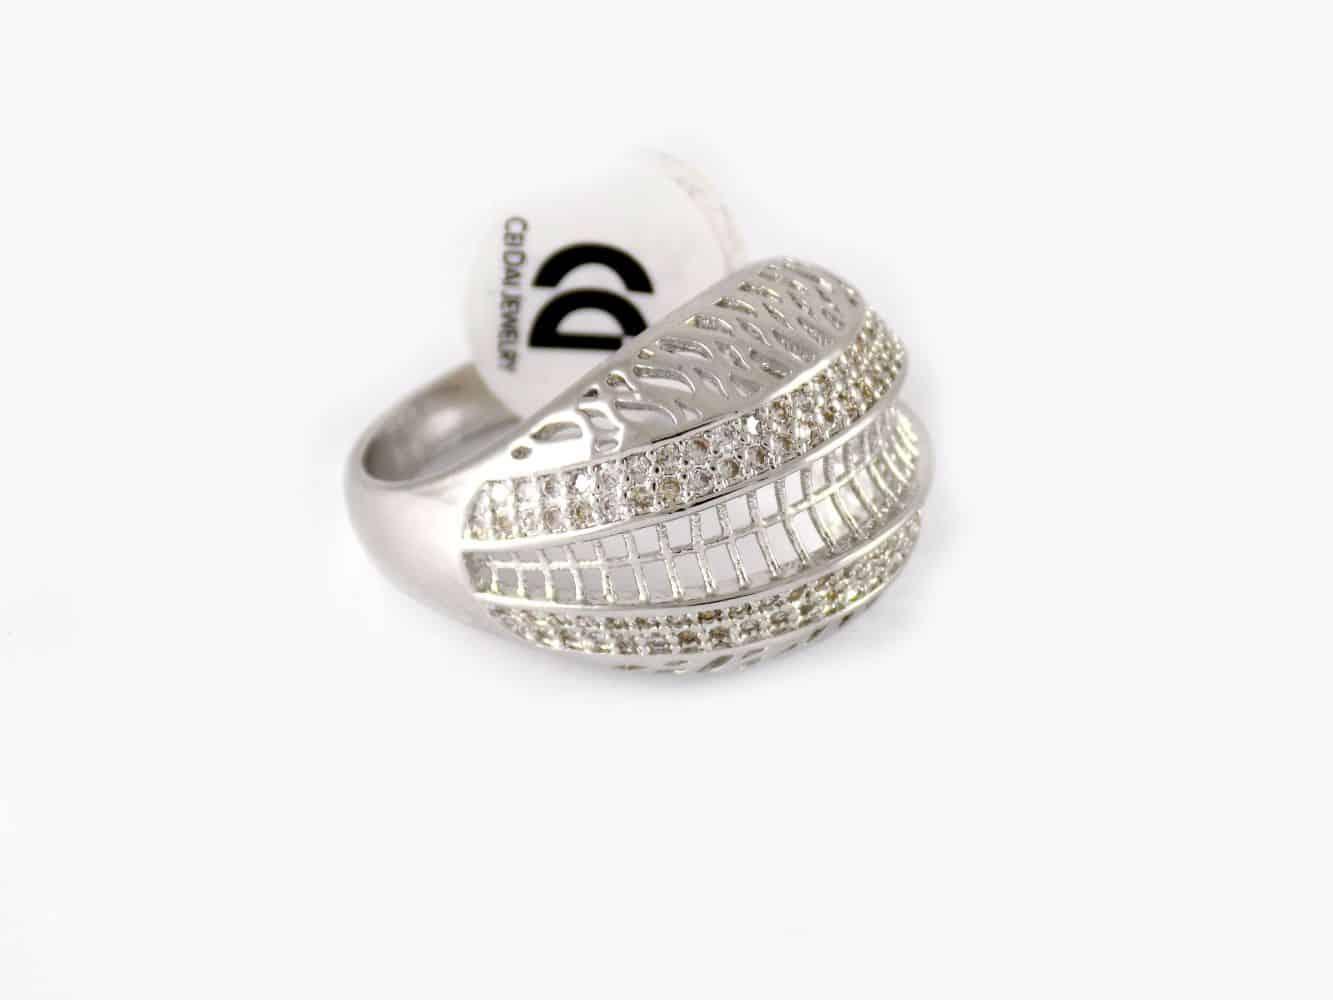 انگشتر زنانه توری استیل برند C.D طرح طلا سفید rg-n195 از نمای کنار